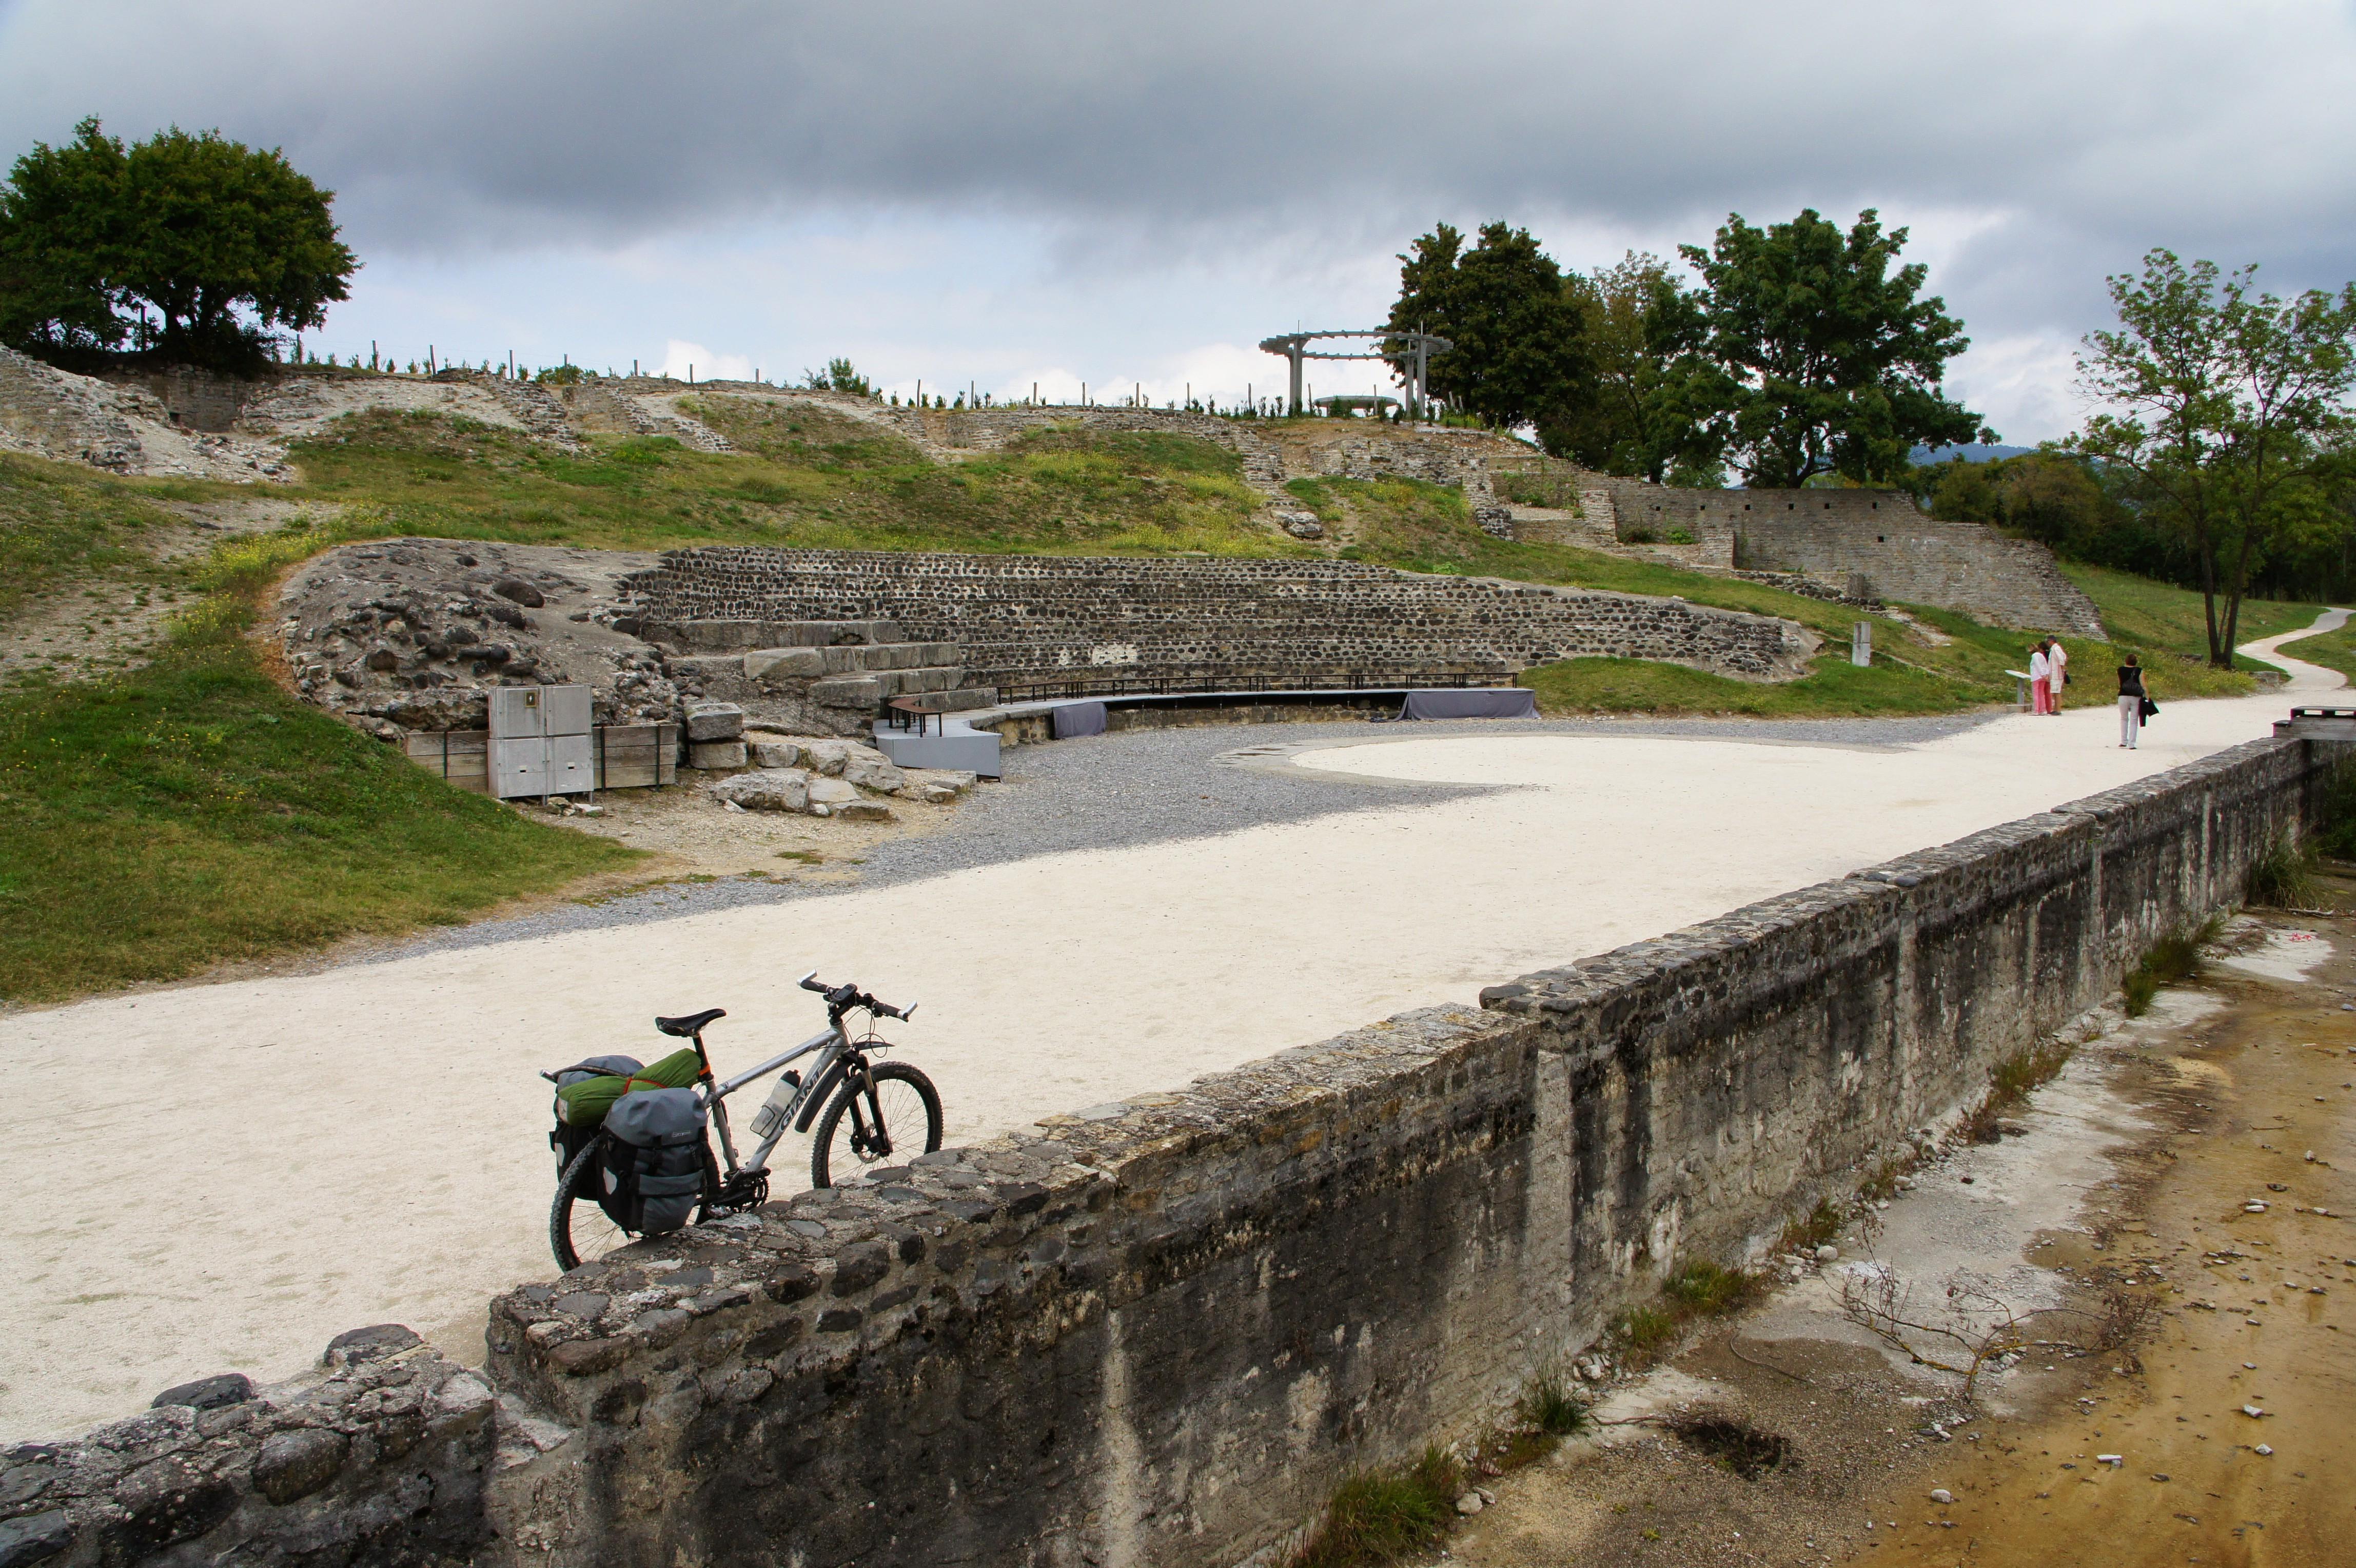 Les ruines du théâtre antique d'Alba-la-Romaine (Ardèche) en septembre 2013 à l'occasion d'une rando vélo entre plateau du Sud-Ardèche et vallée du Rhône (crédit photo : Marc Sivignon)